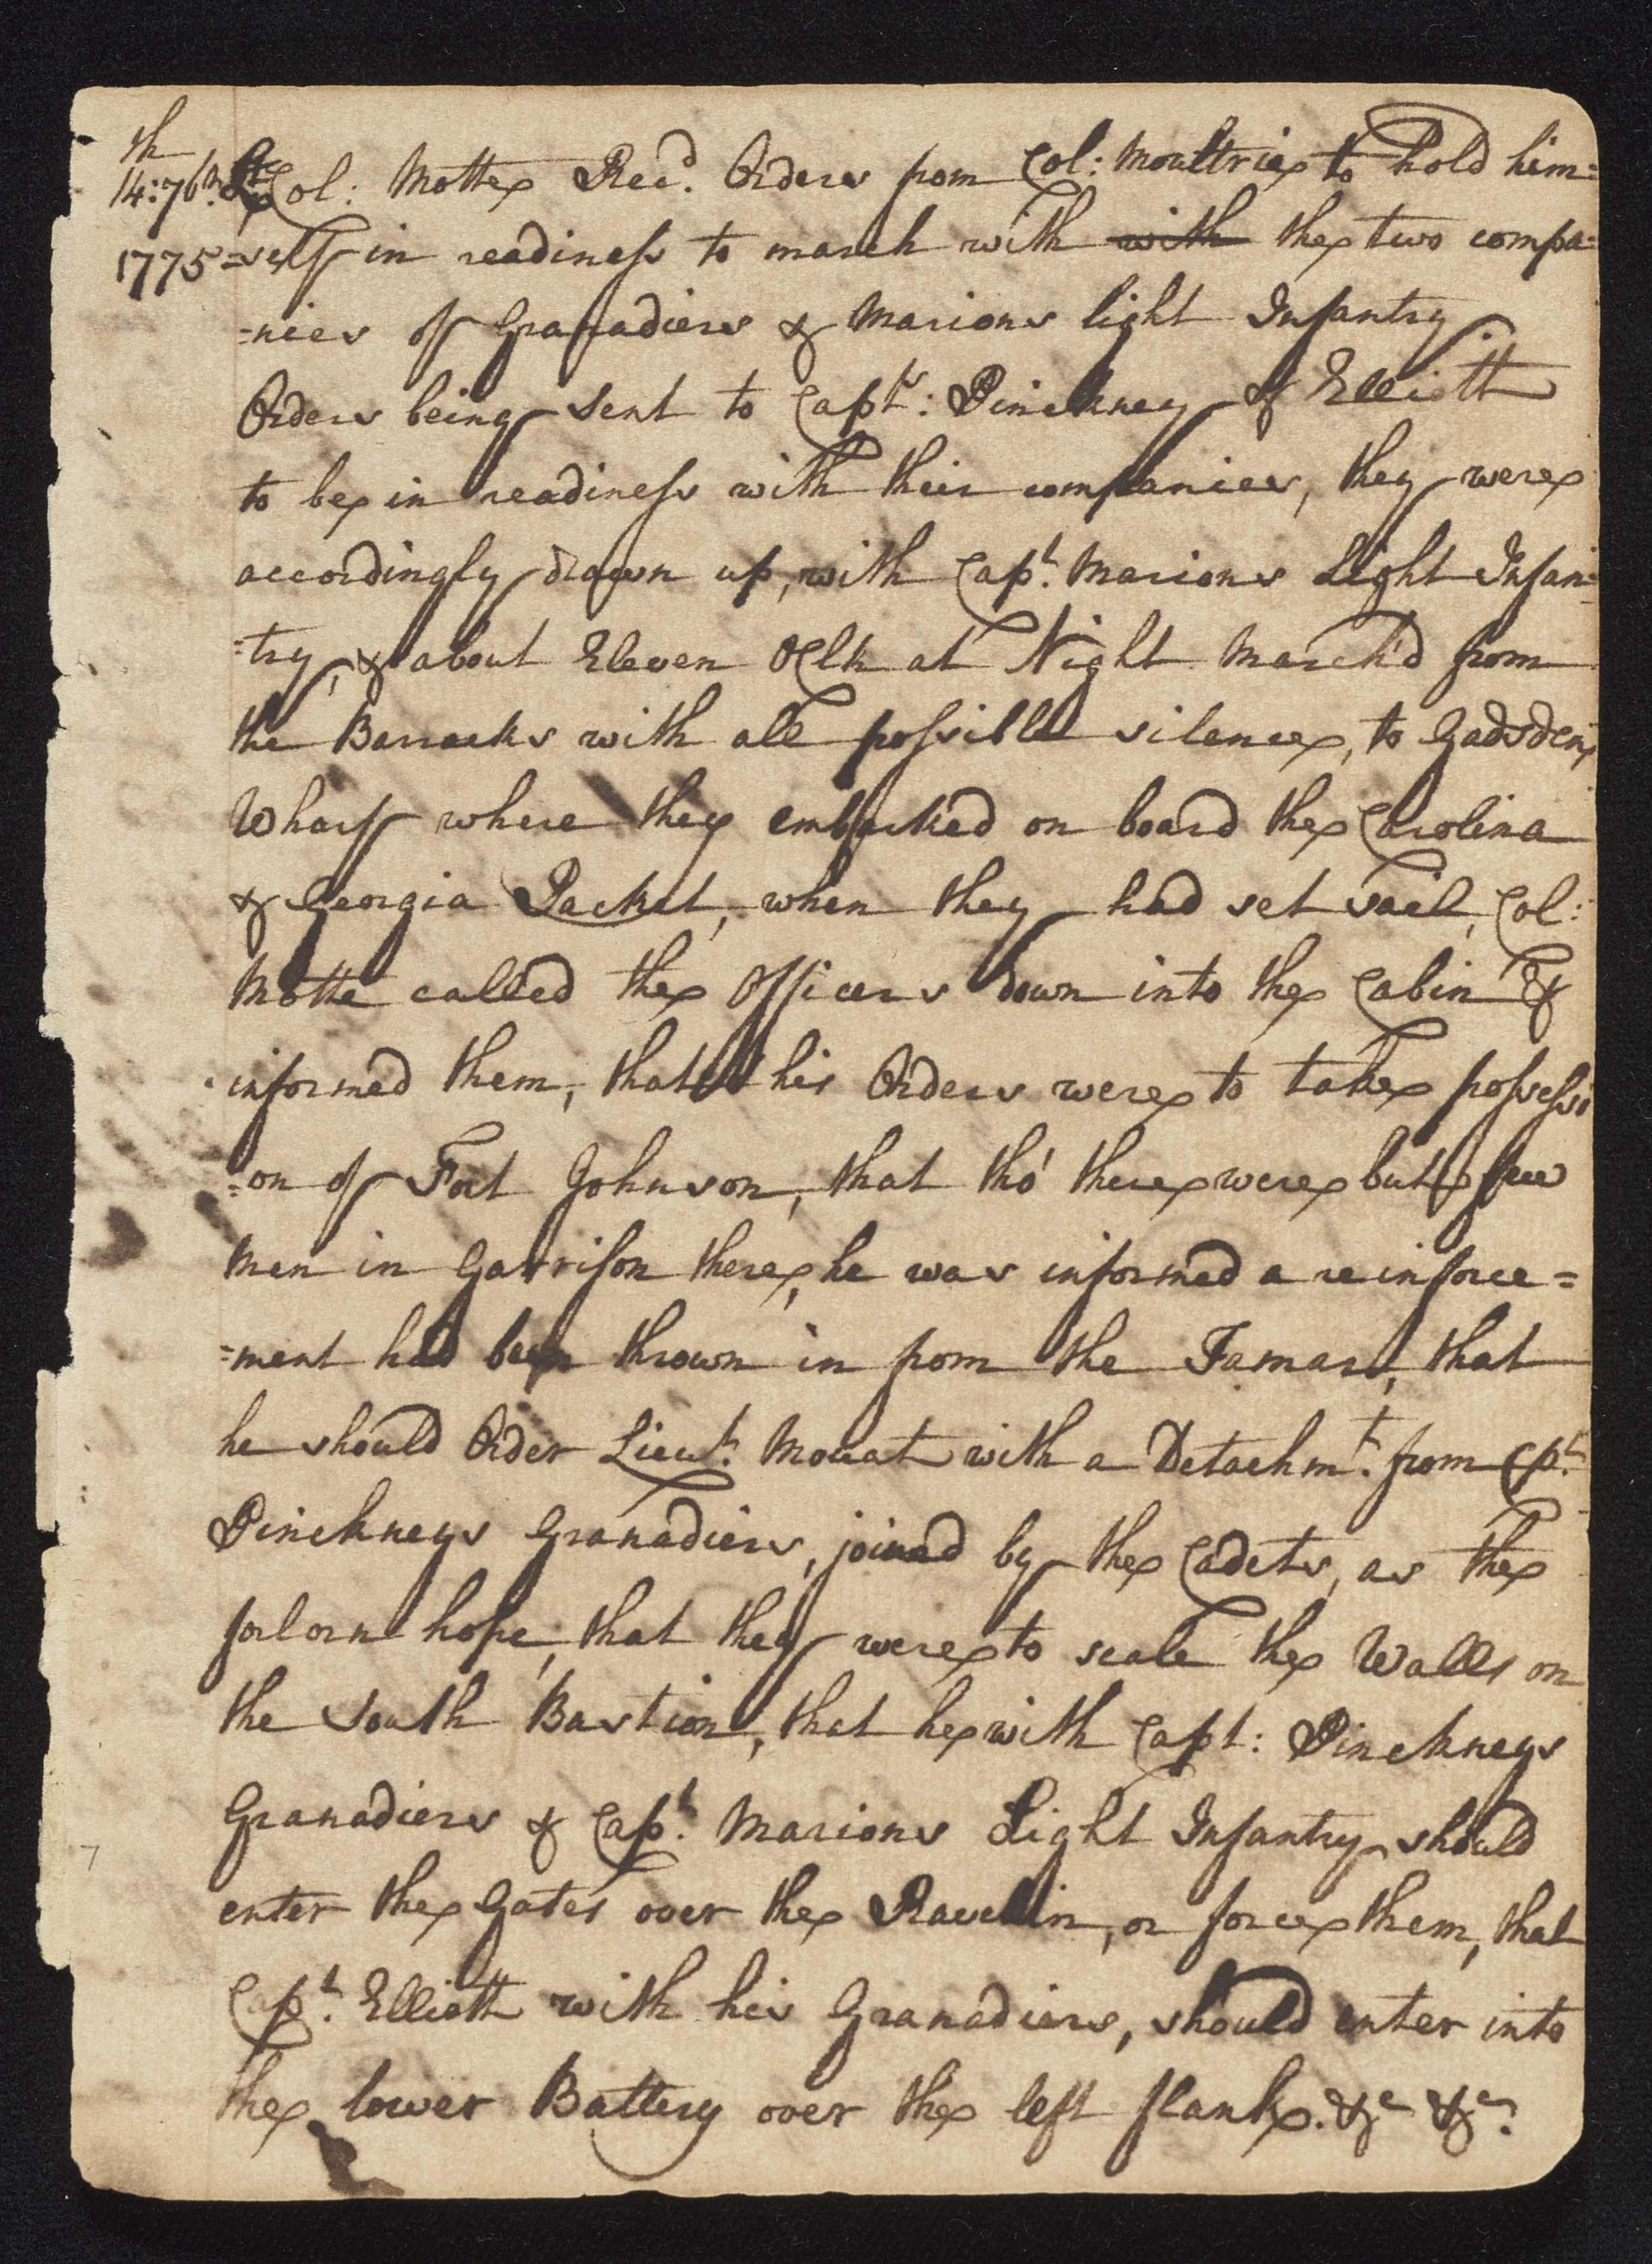 South Carolina Regiment Order Book, Page 13